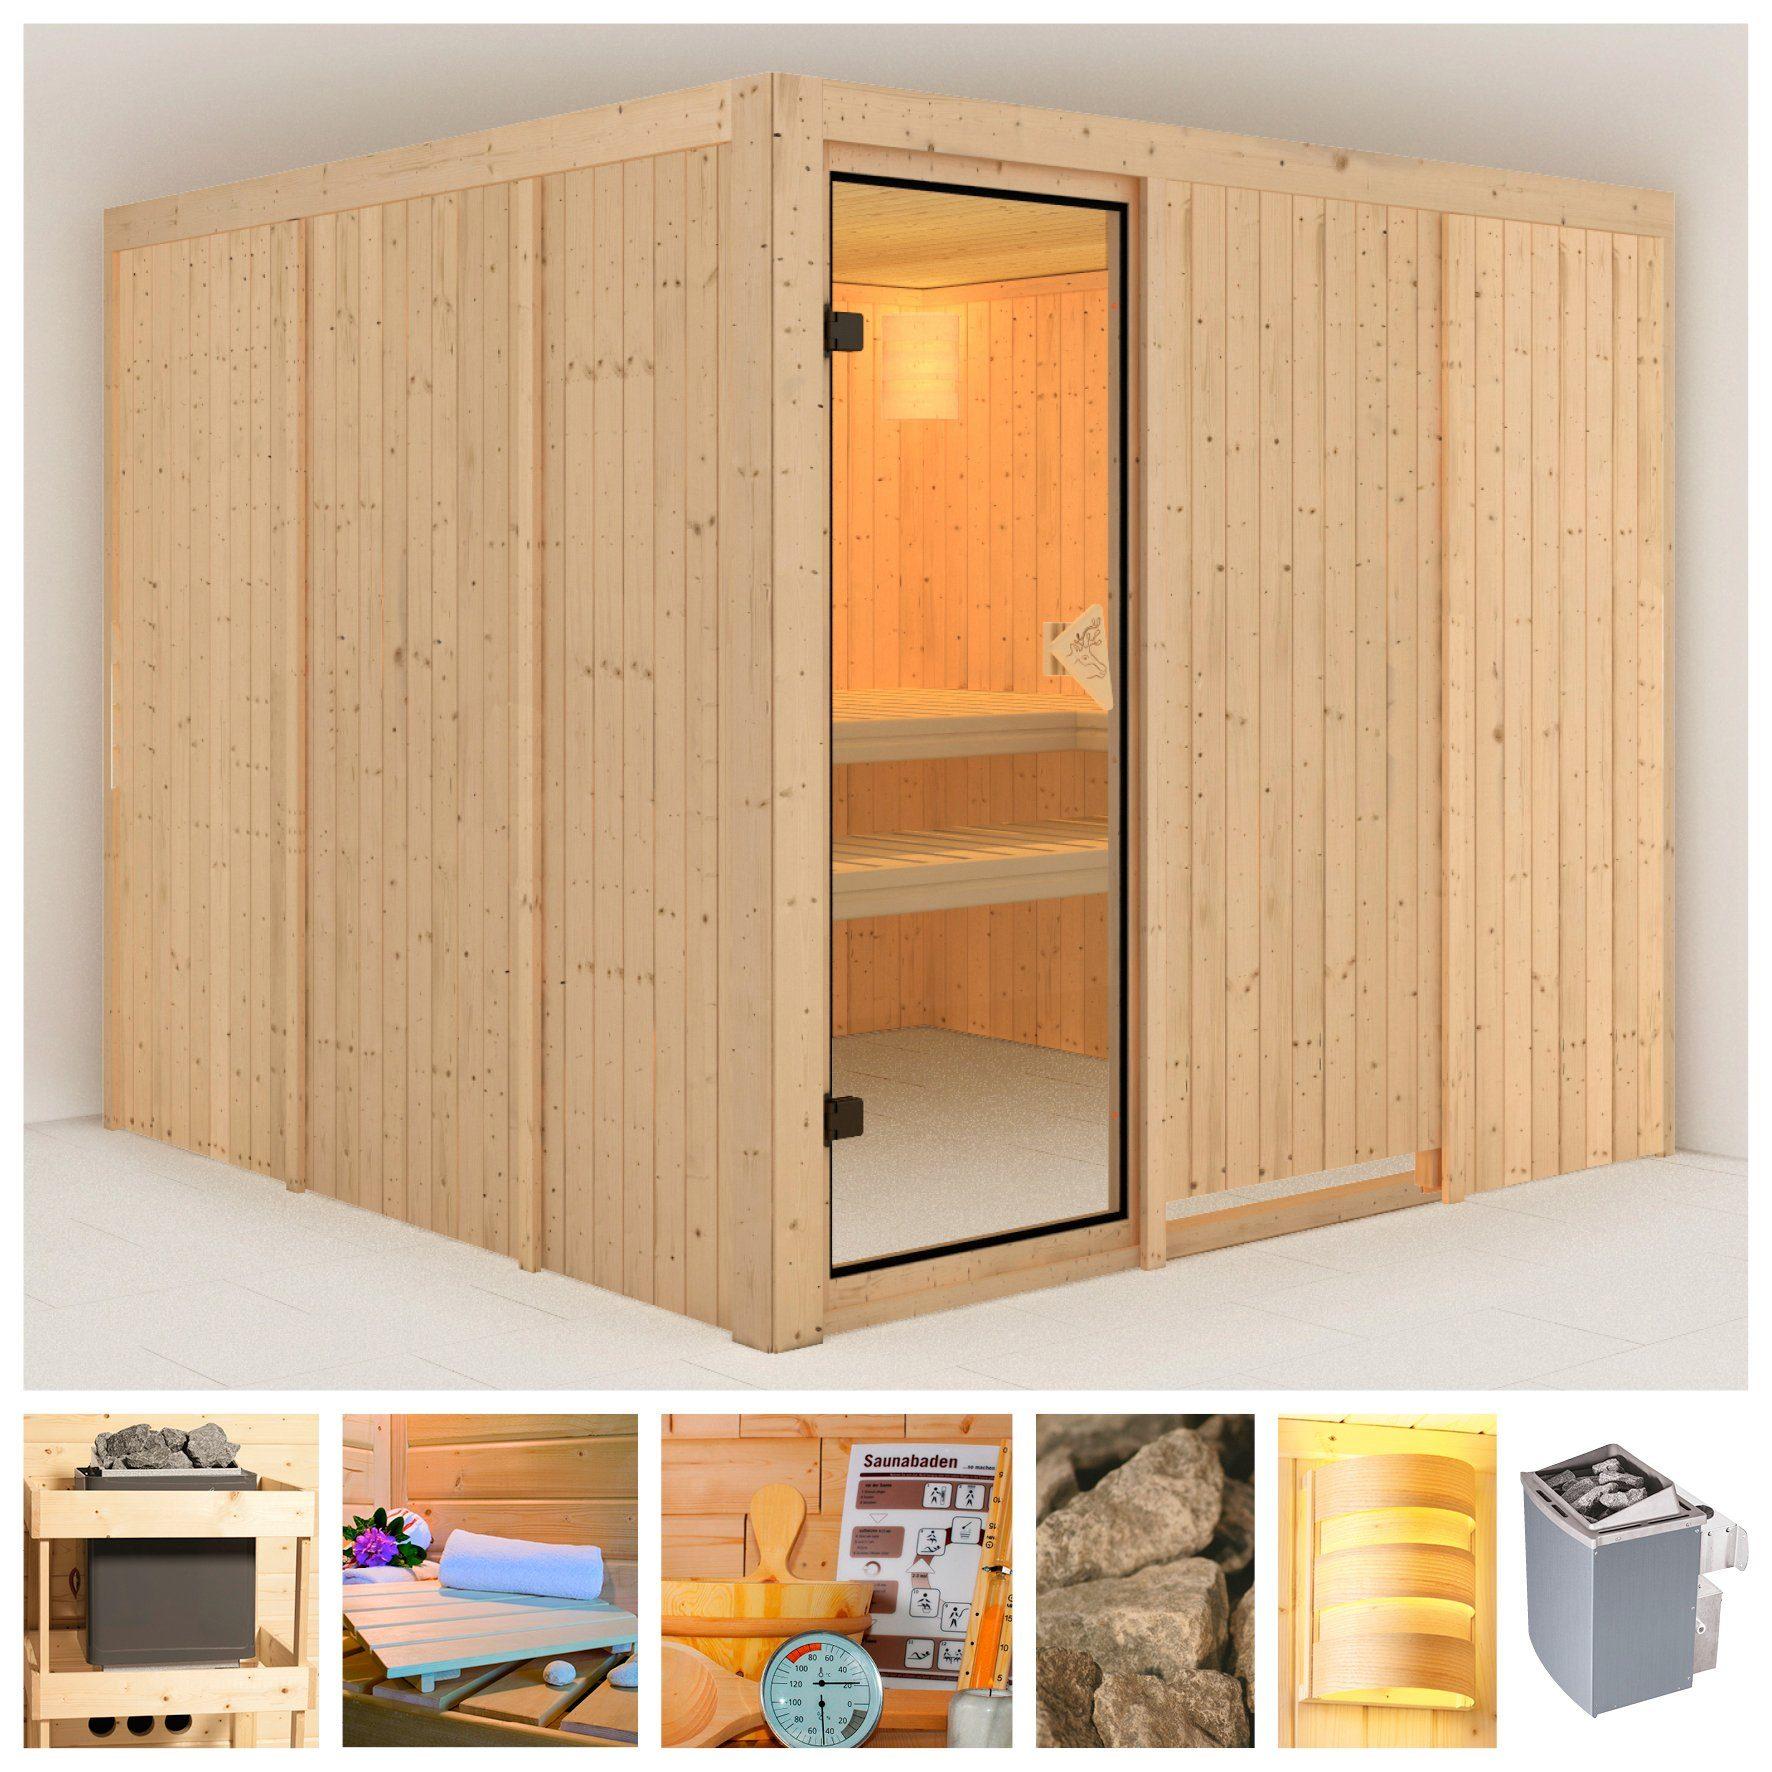 KONIFERA Sauna »Monique«, 231/231/198 cm, 68 mm, 9-kW-Ofen mit int. Steuerung